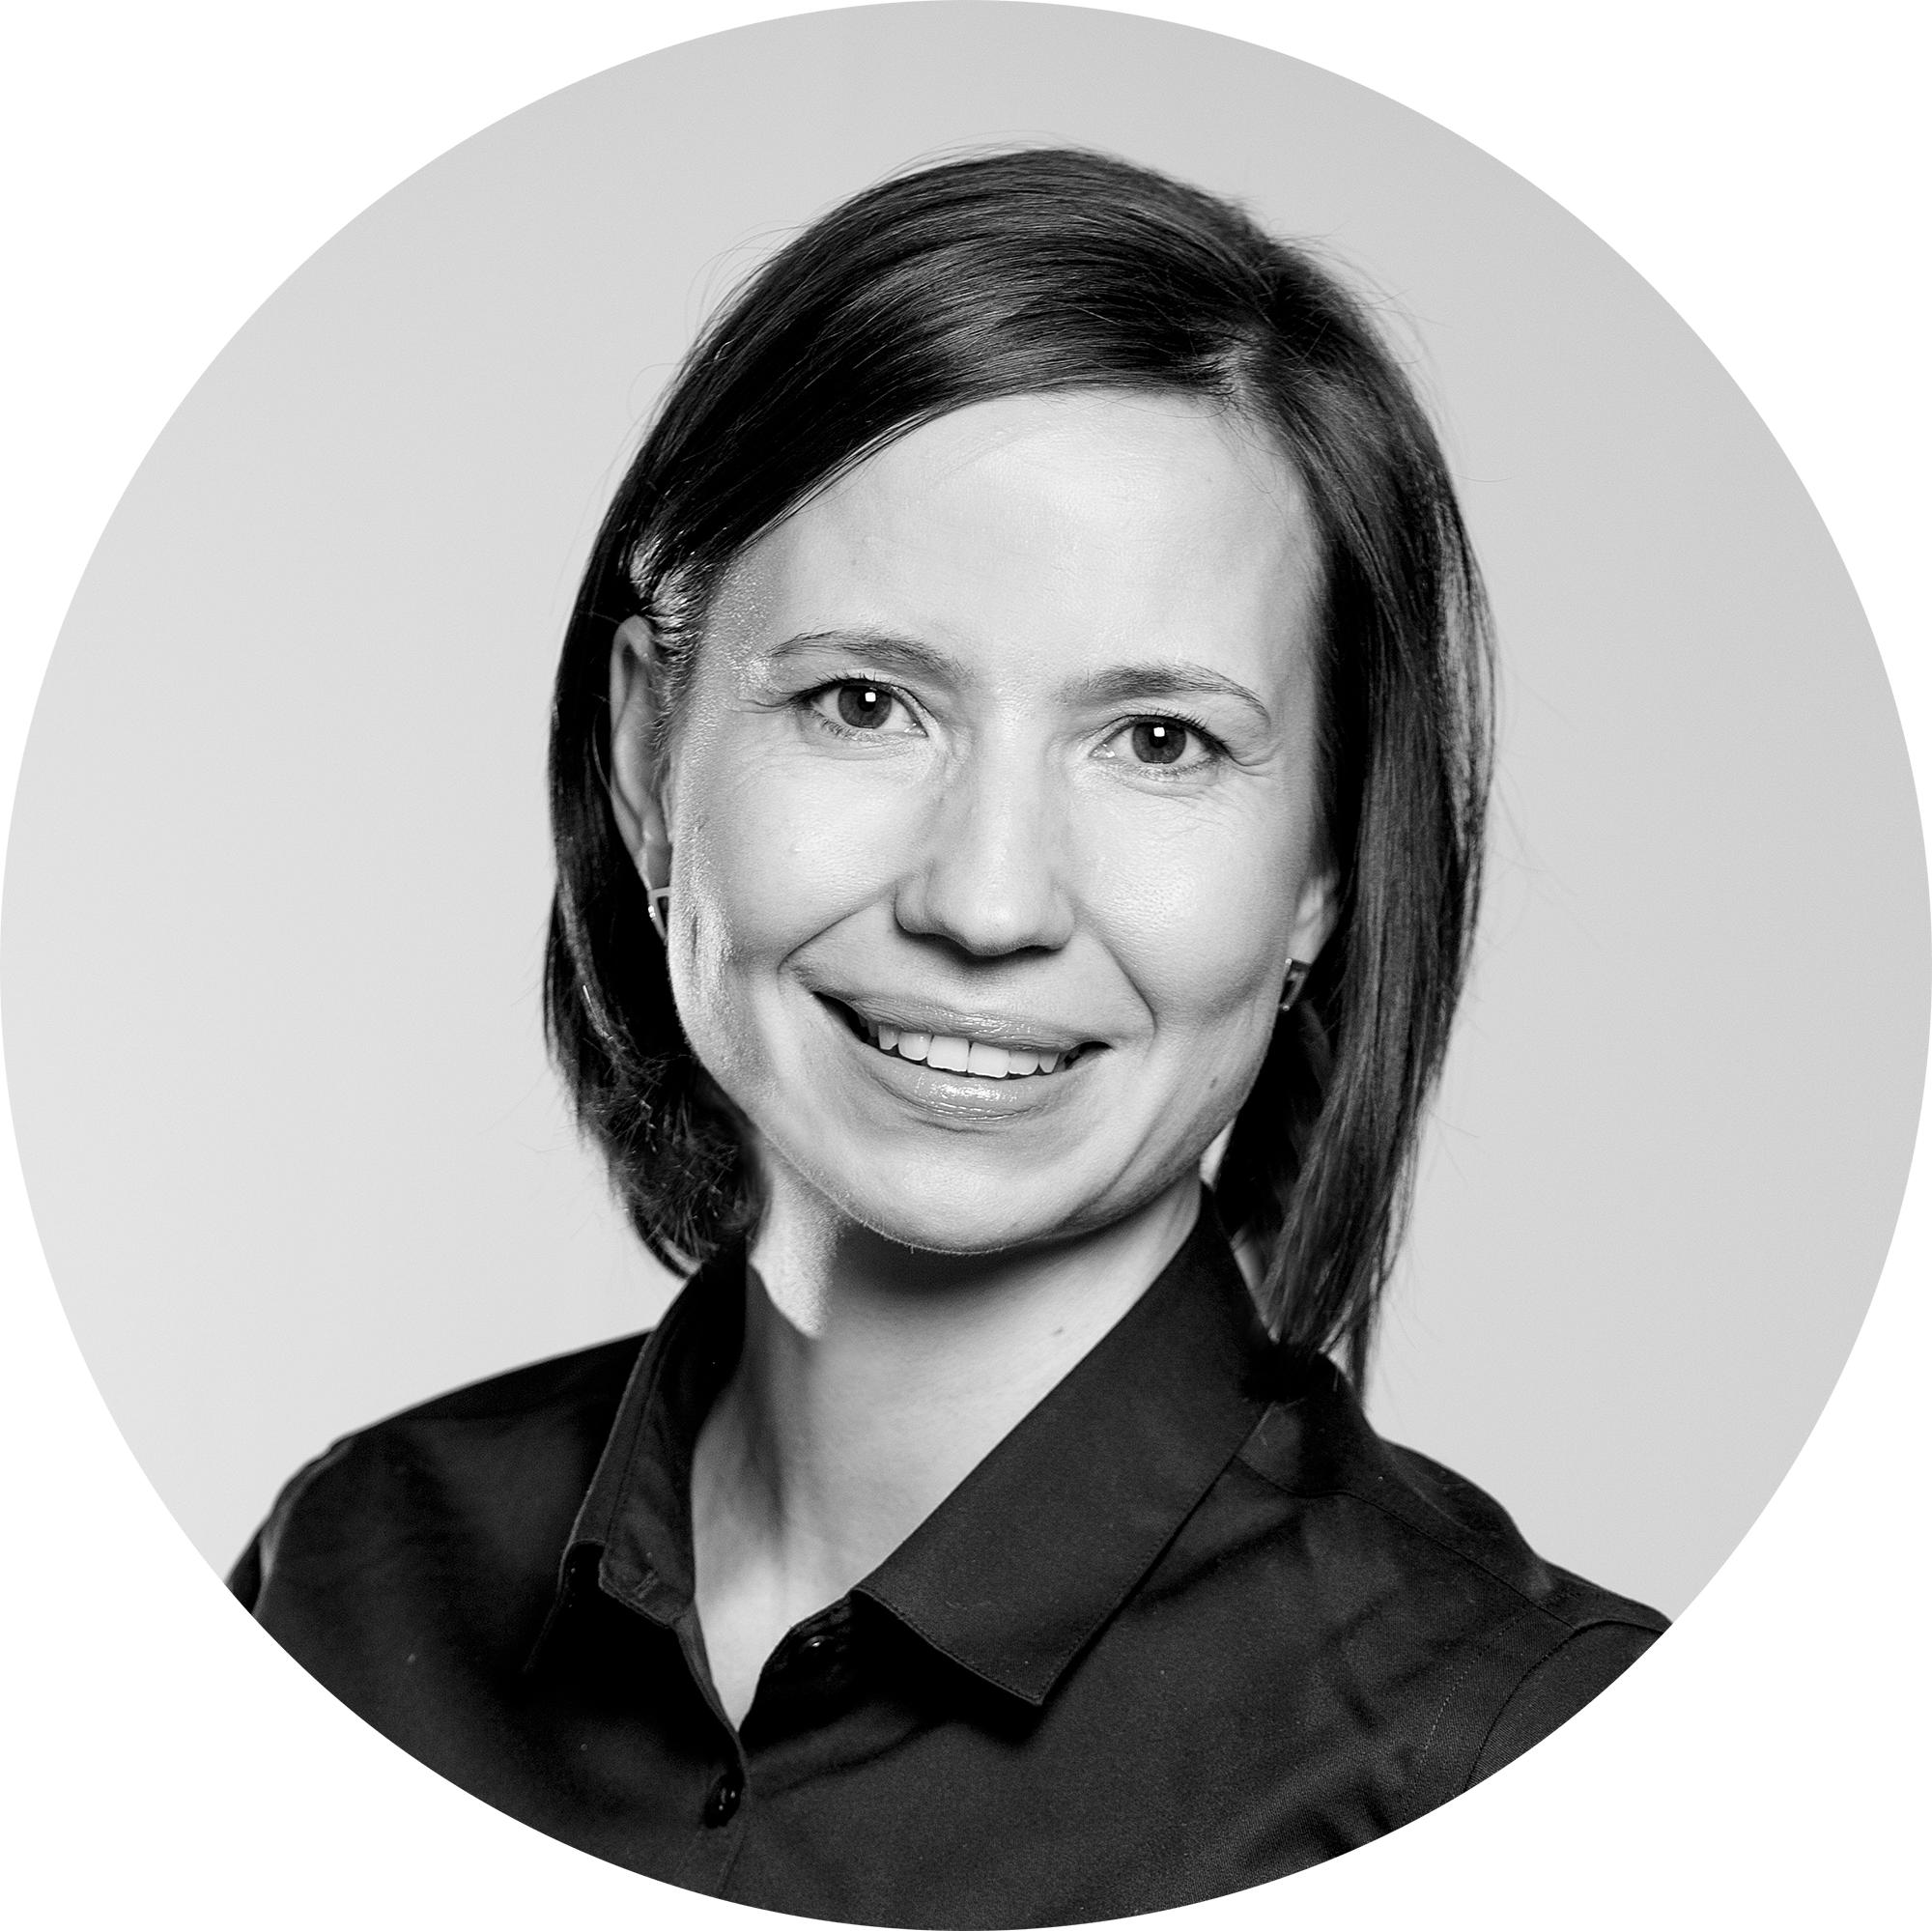 Maria Hyppönen